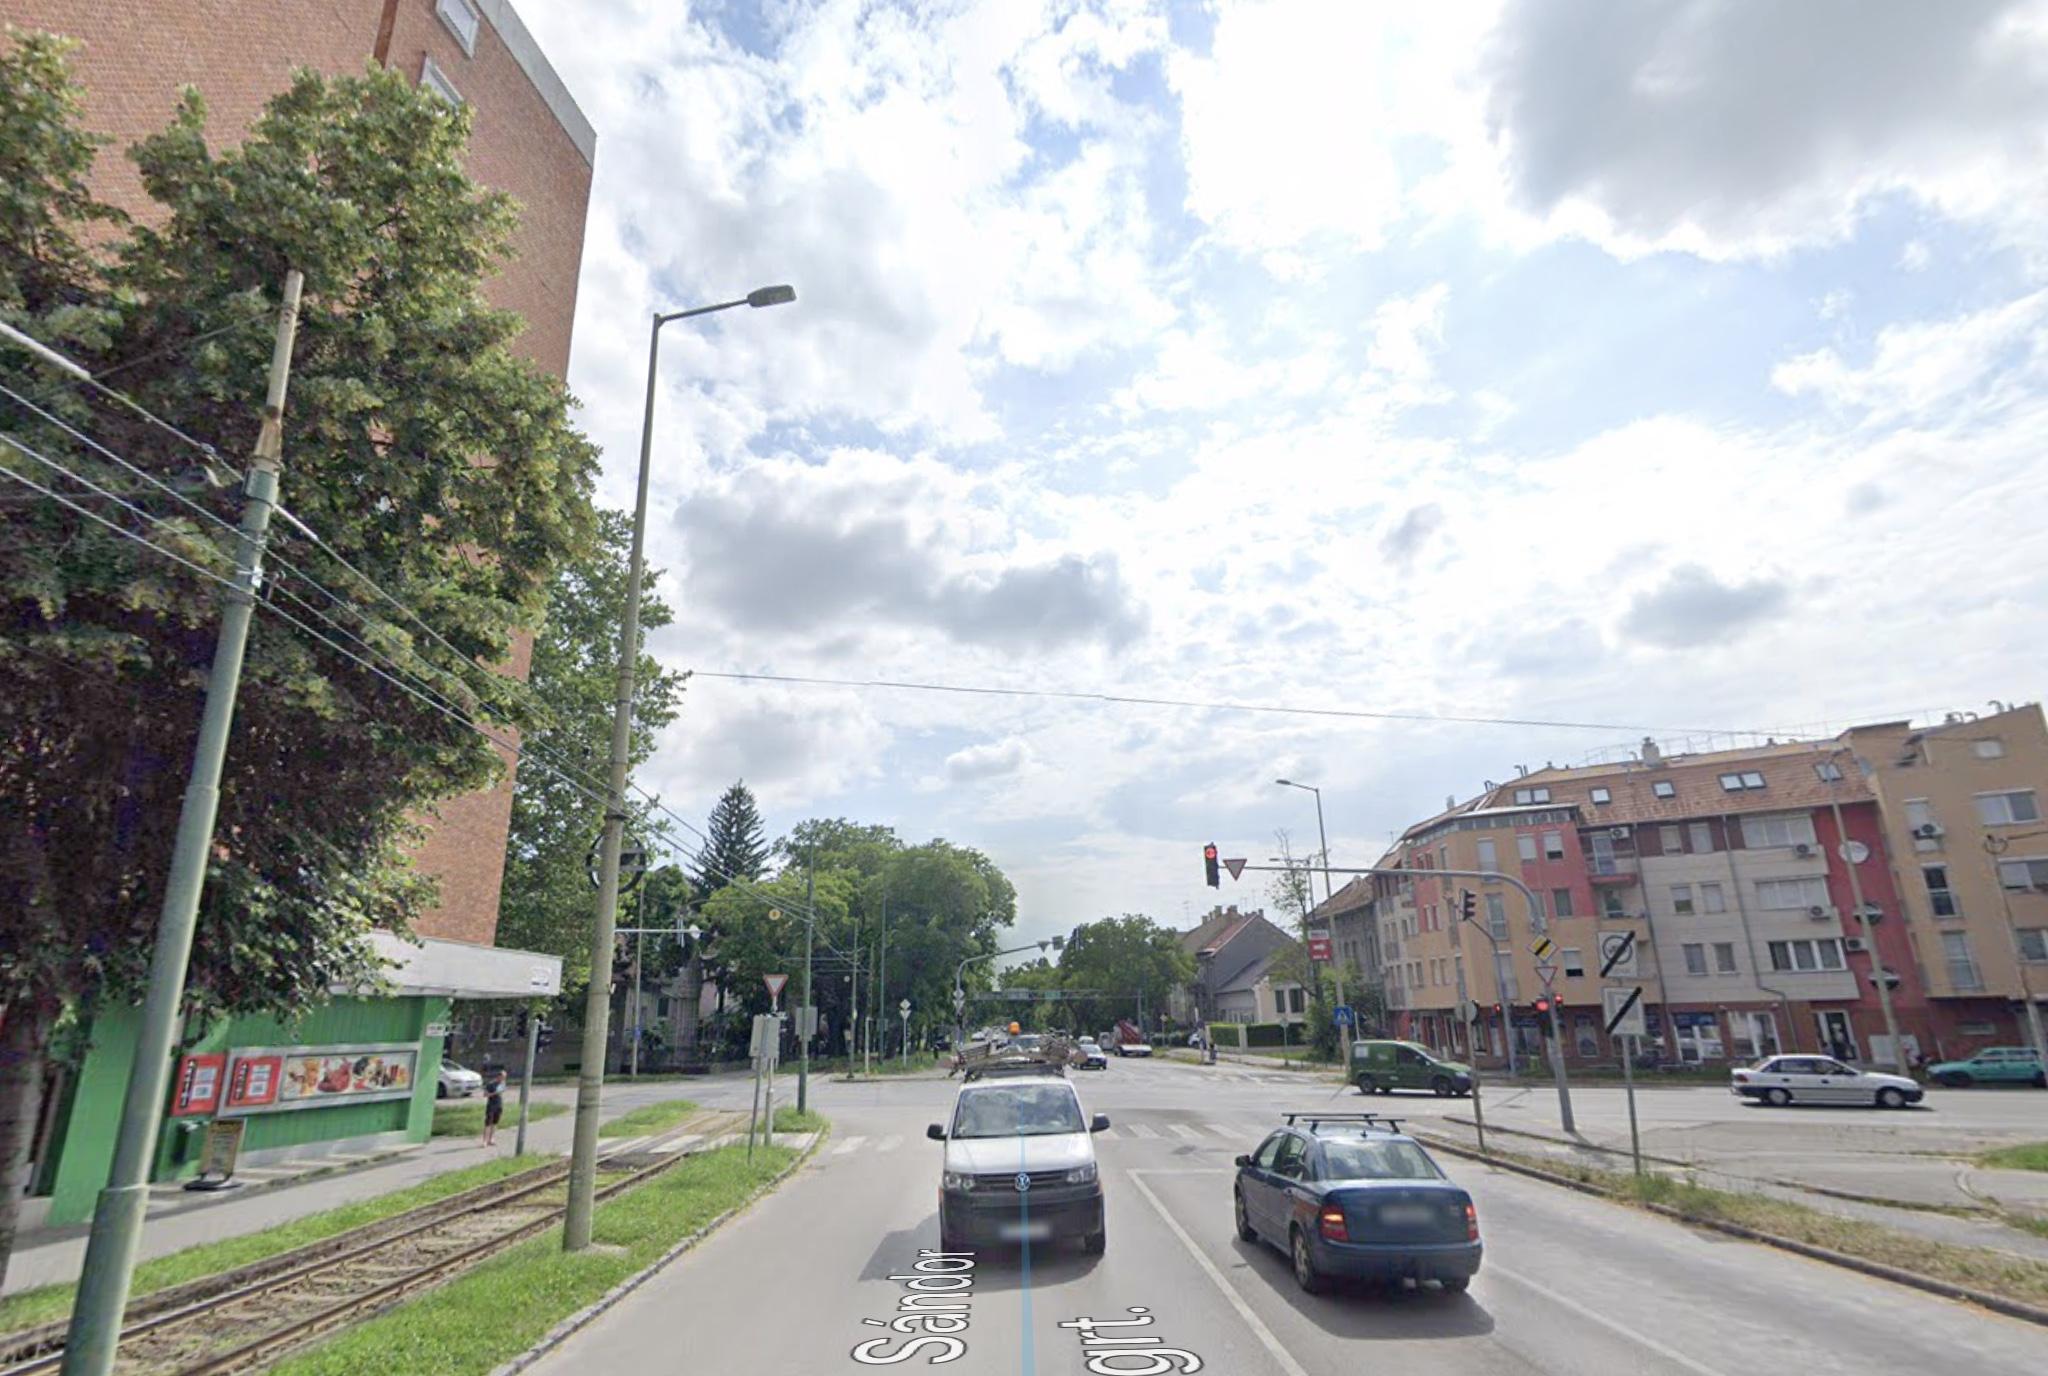 Szeged,, belváros, Petőfi S. sgt. 90m2, utcai, kirakatos, melegkonyhás ,önállò épület eladò